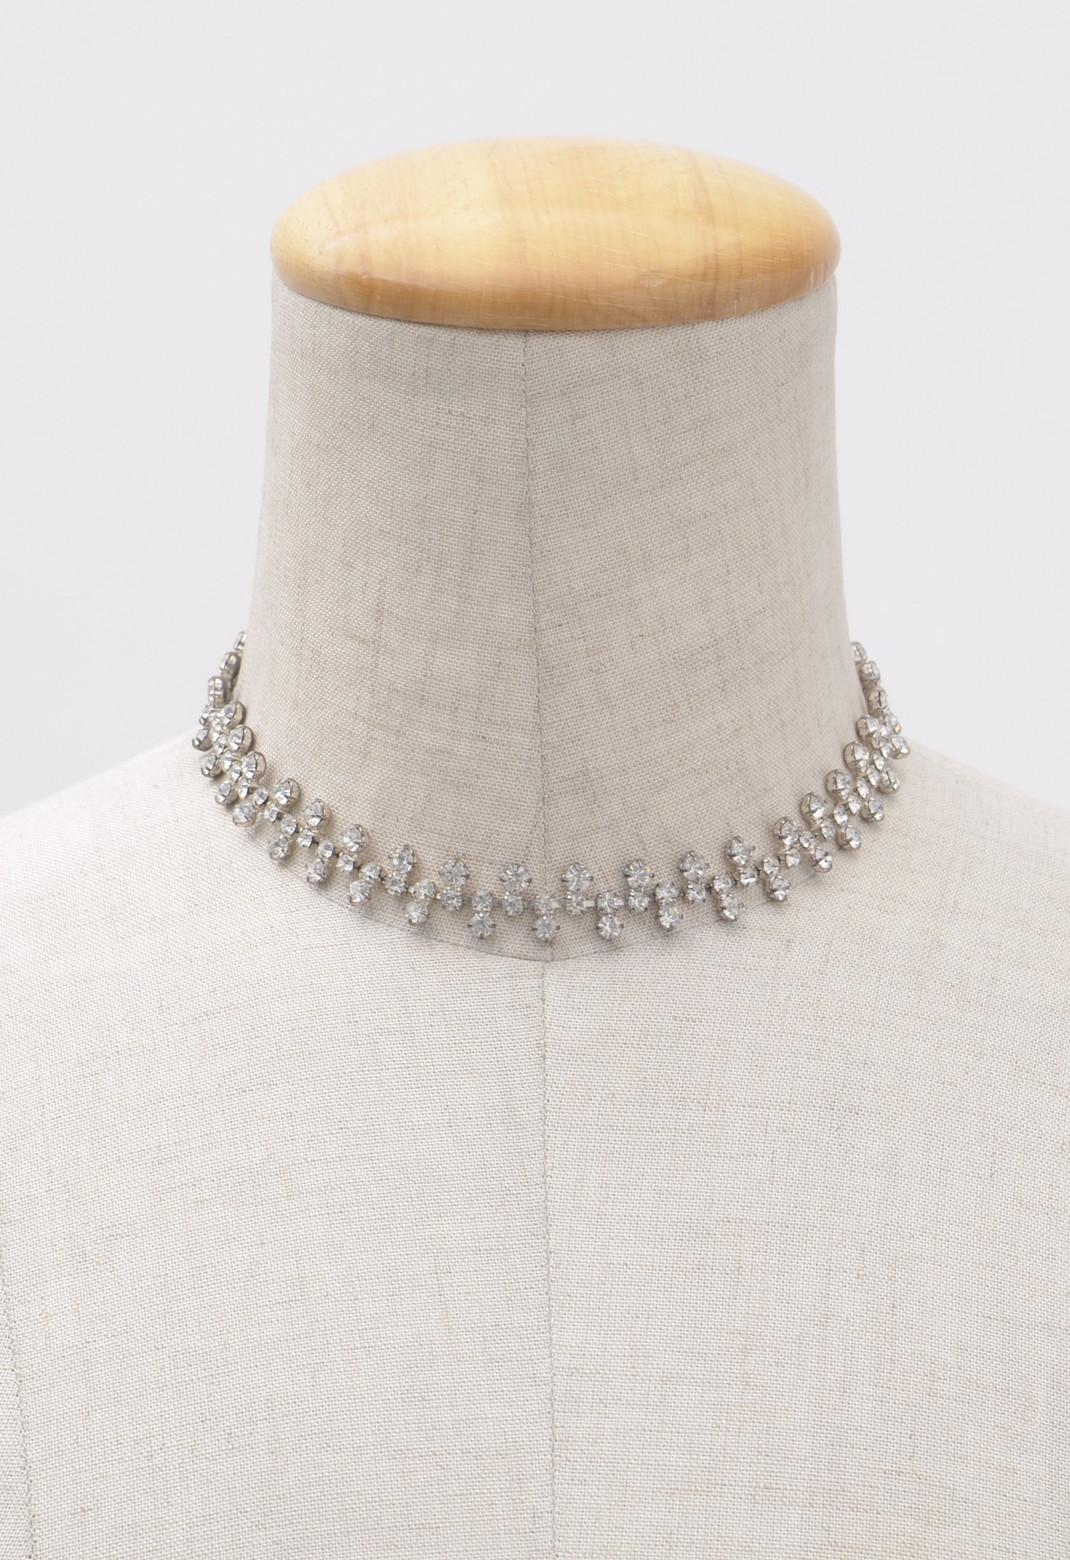 スワロフスキー チョーカー ネックレス